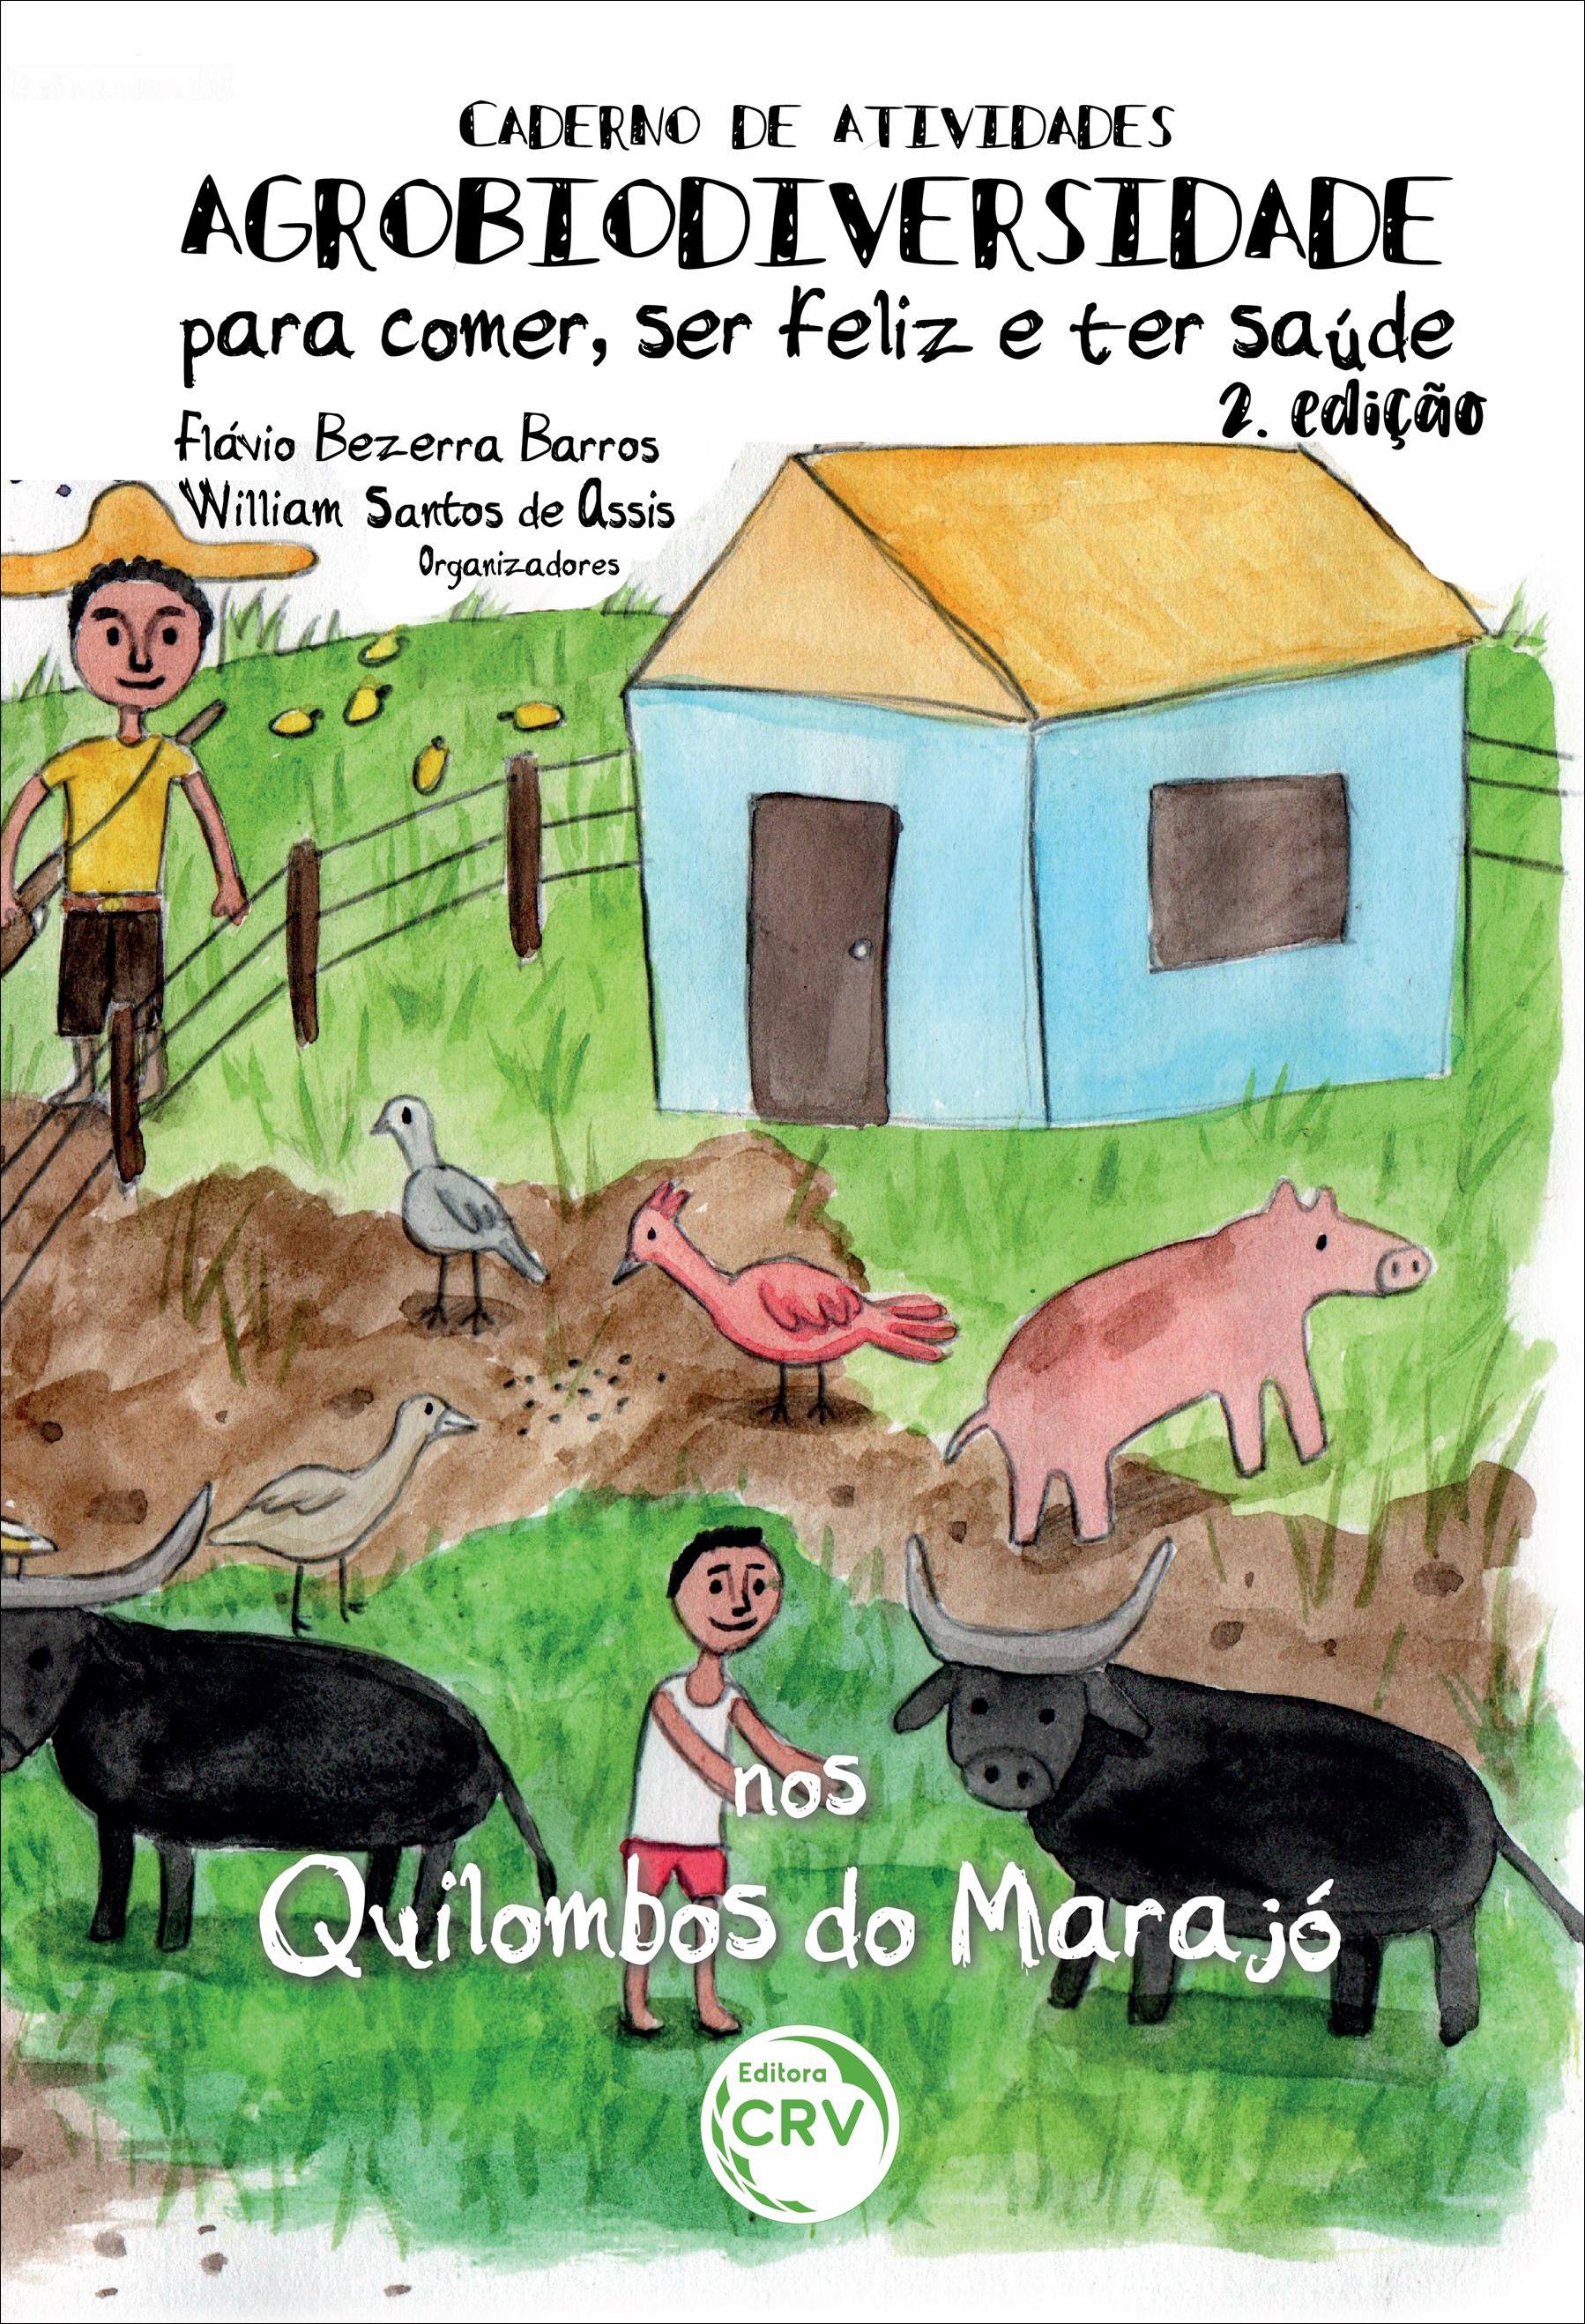 Capa do livro: Caderno de Atividades Agrobiodiversidade para comer, ser feliz e ter saúde nos Quilombos do Marajó <br> 2ª Edição